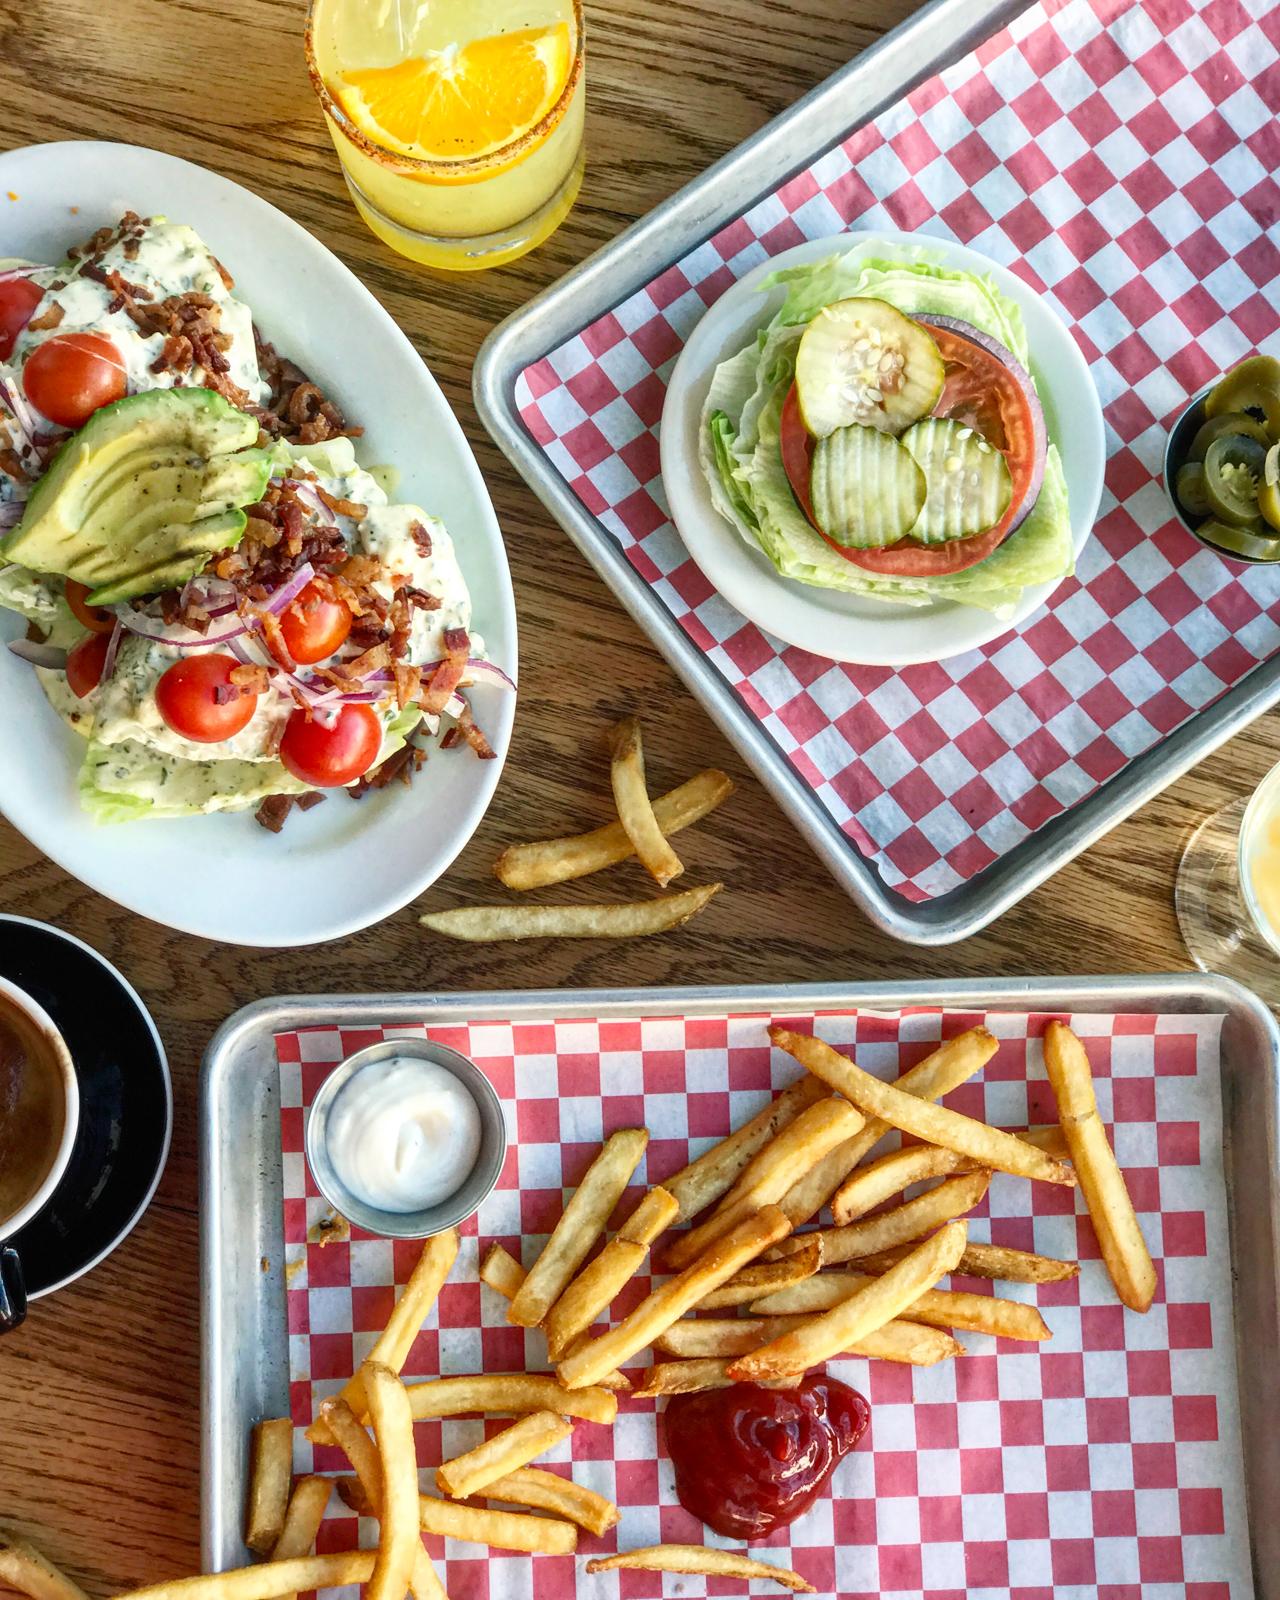 Wedge Salad & Fries